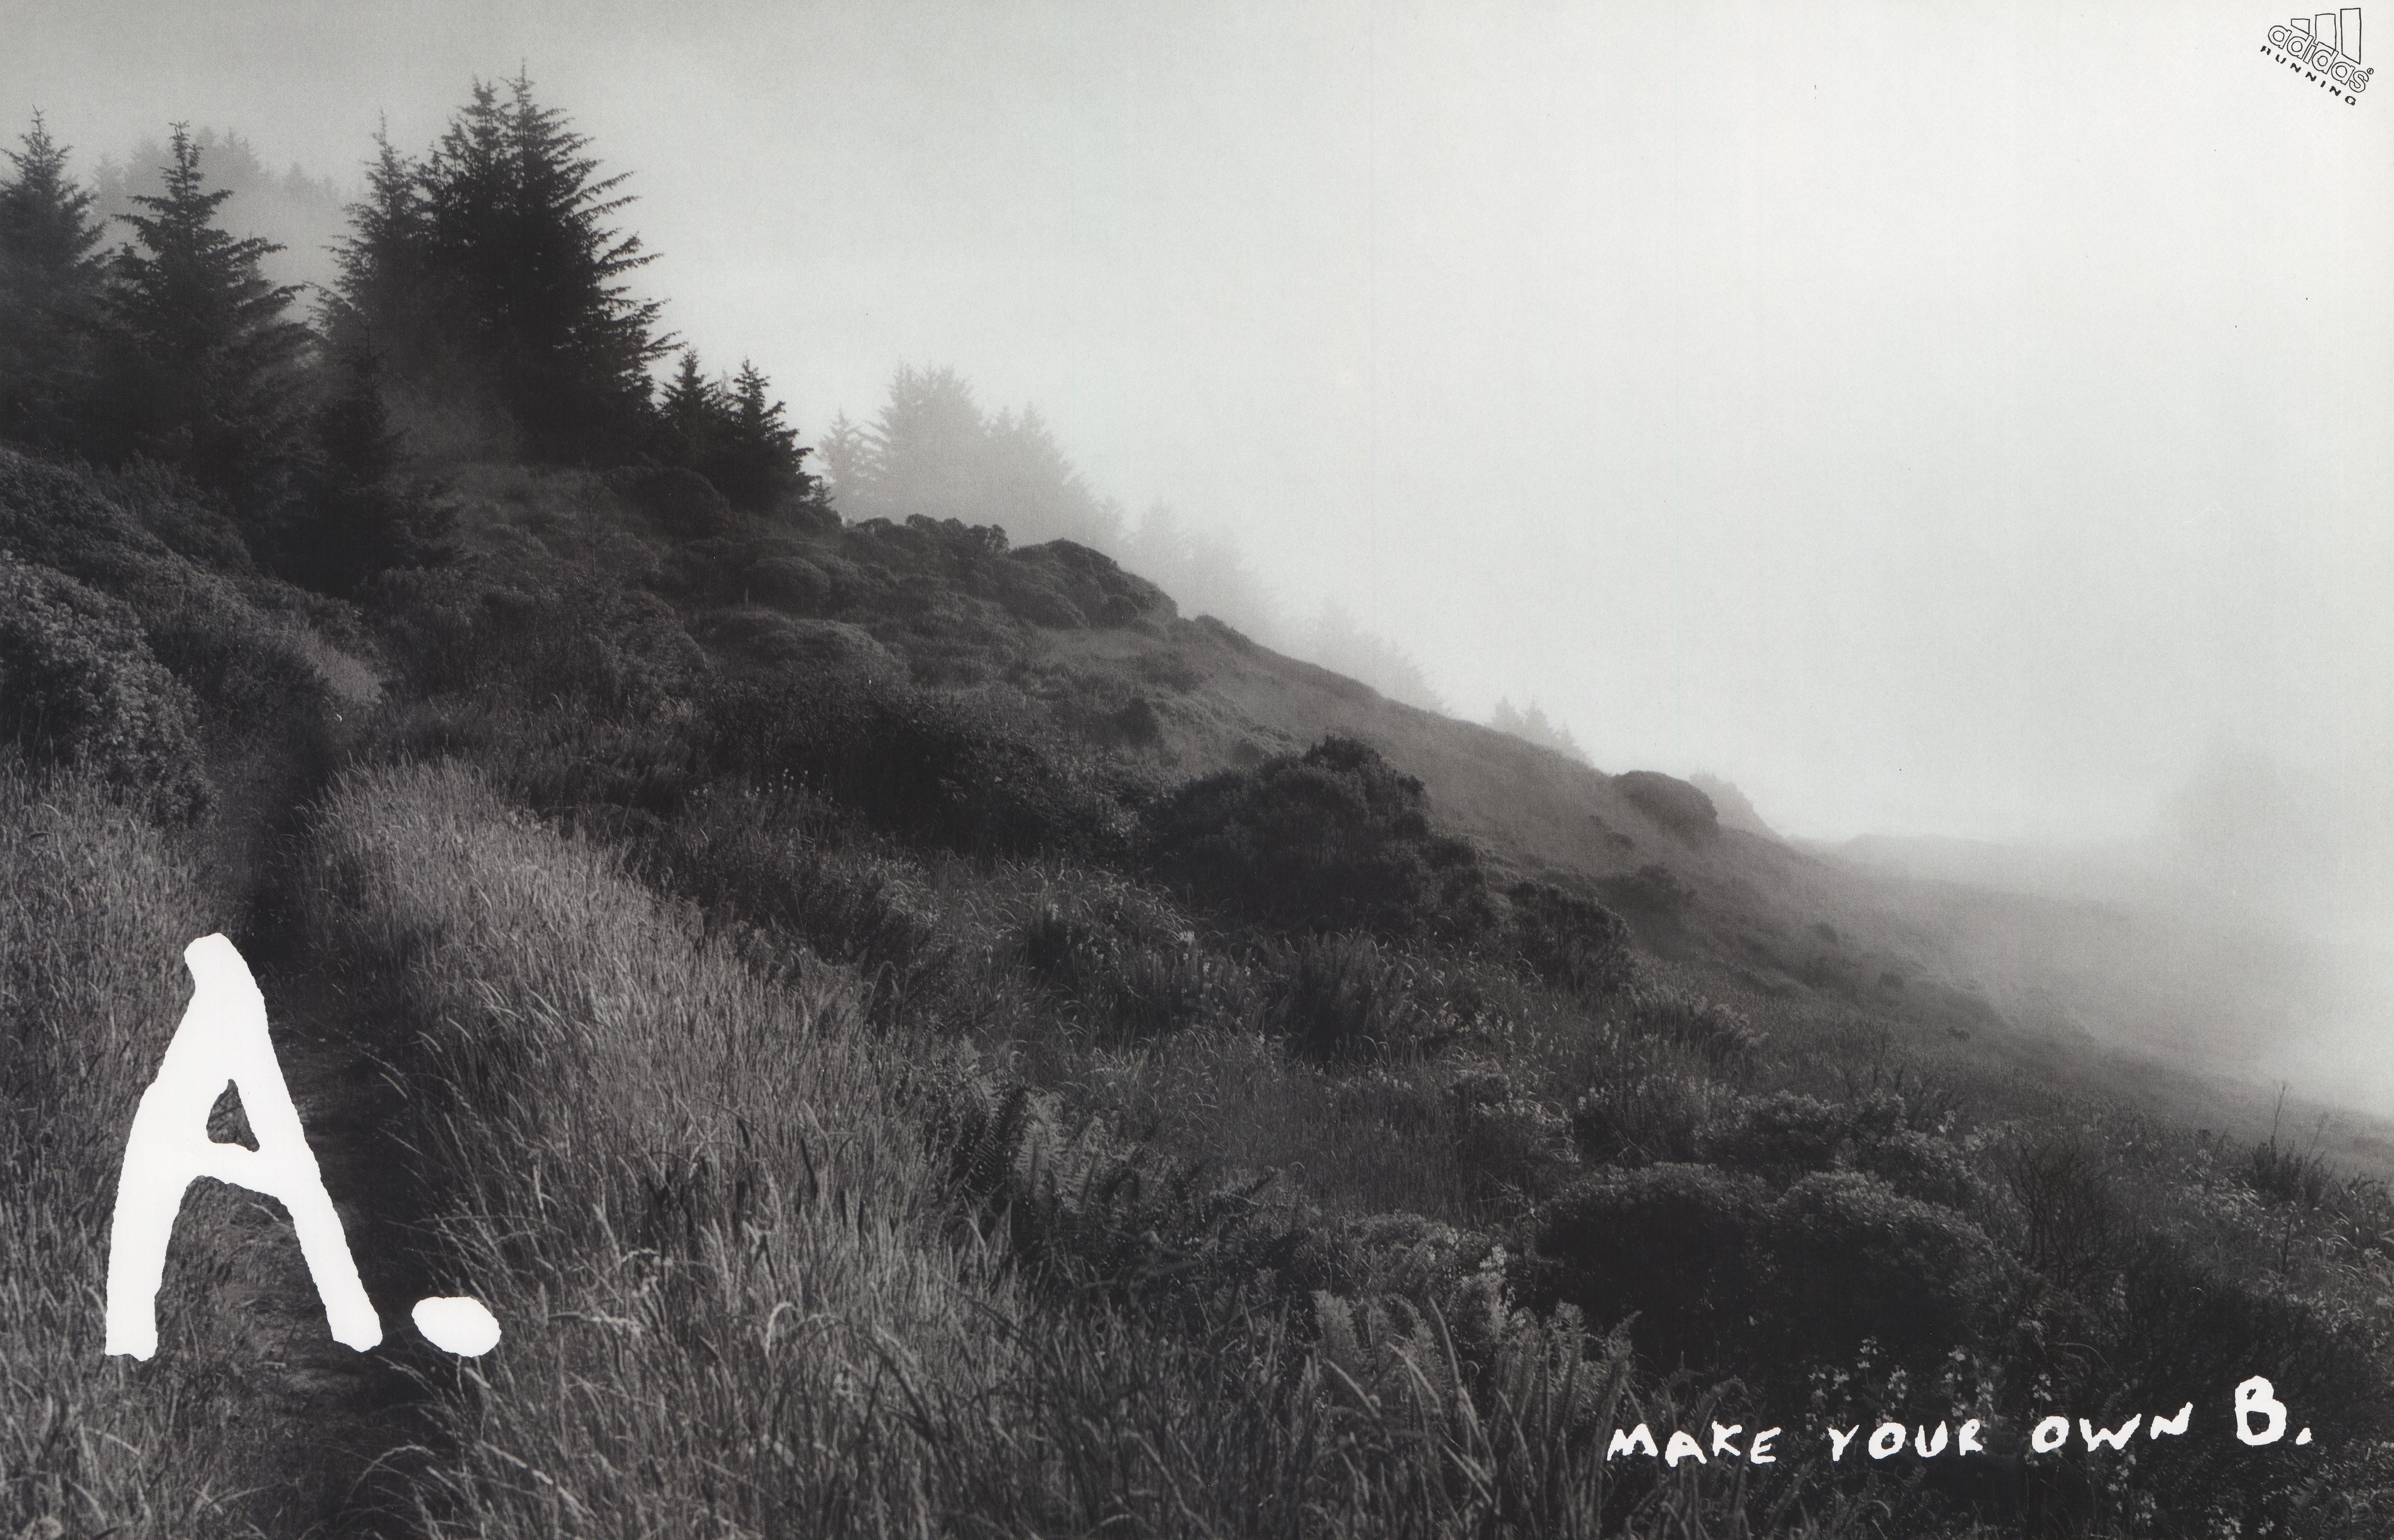 'A. Make Your Own B' Adidas, Trail, Leagas Delaney_